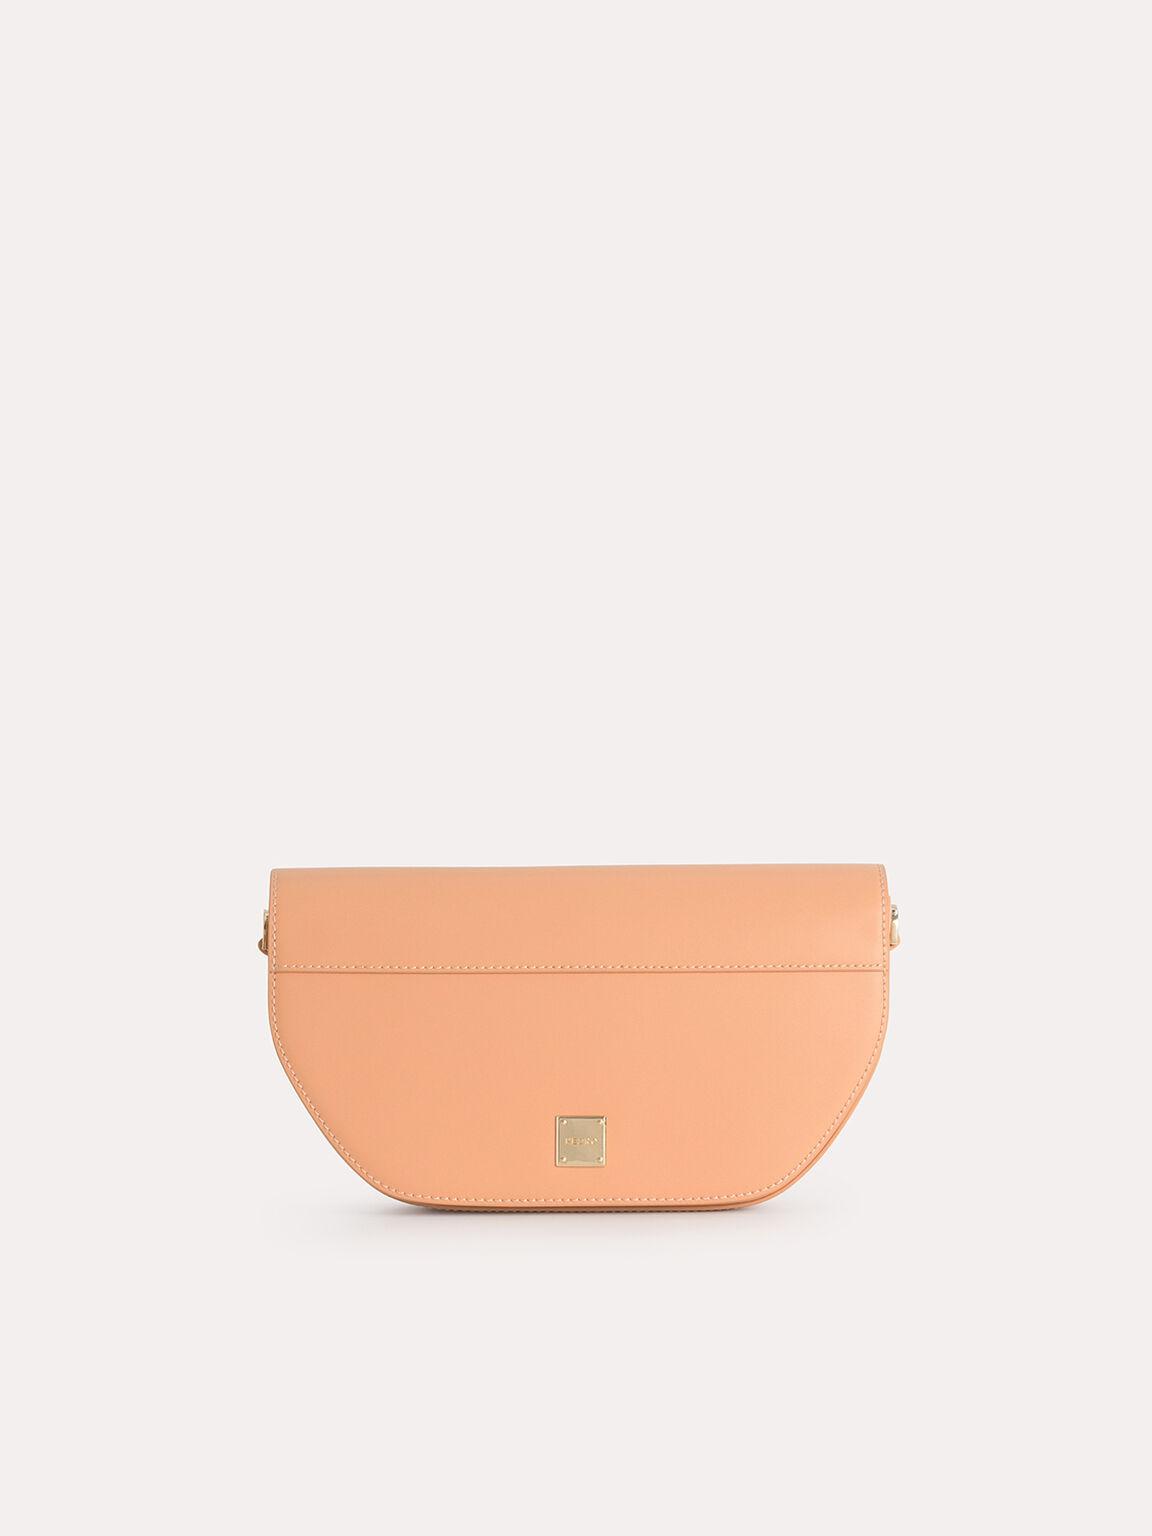 Leather Shoulder Bag with Scarf Top Handle, Light Orange, hi-res